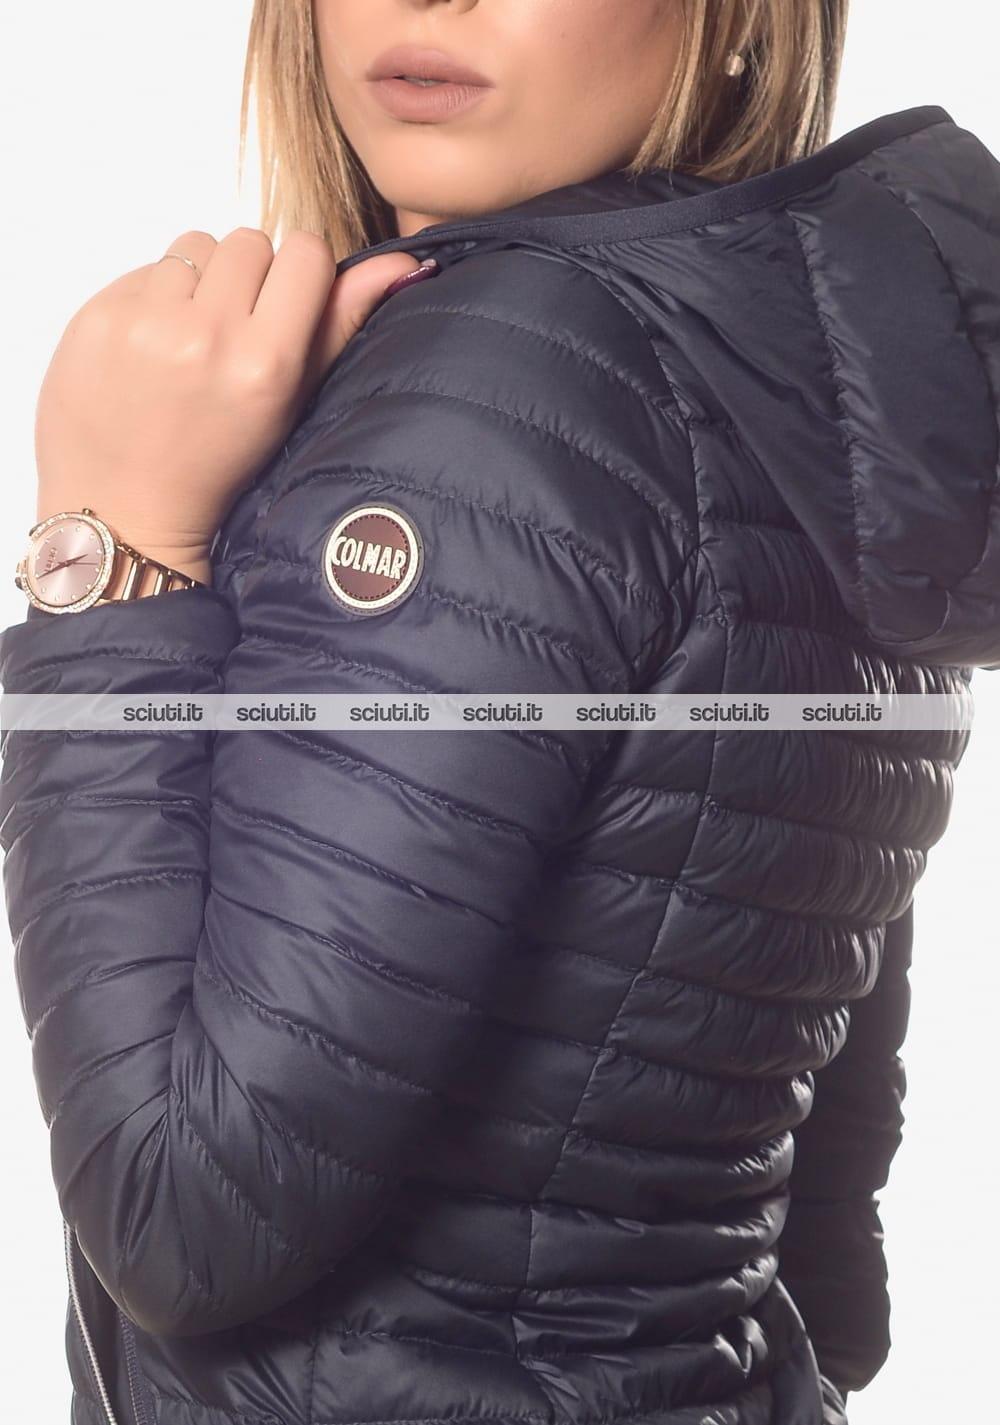 Piumino Colmar donna leggero con cappuccio blu | Sciuti.it